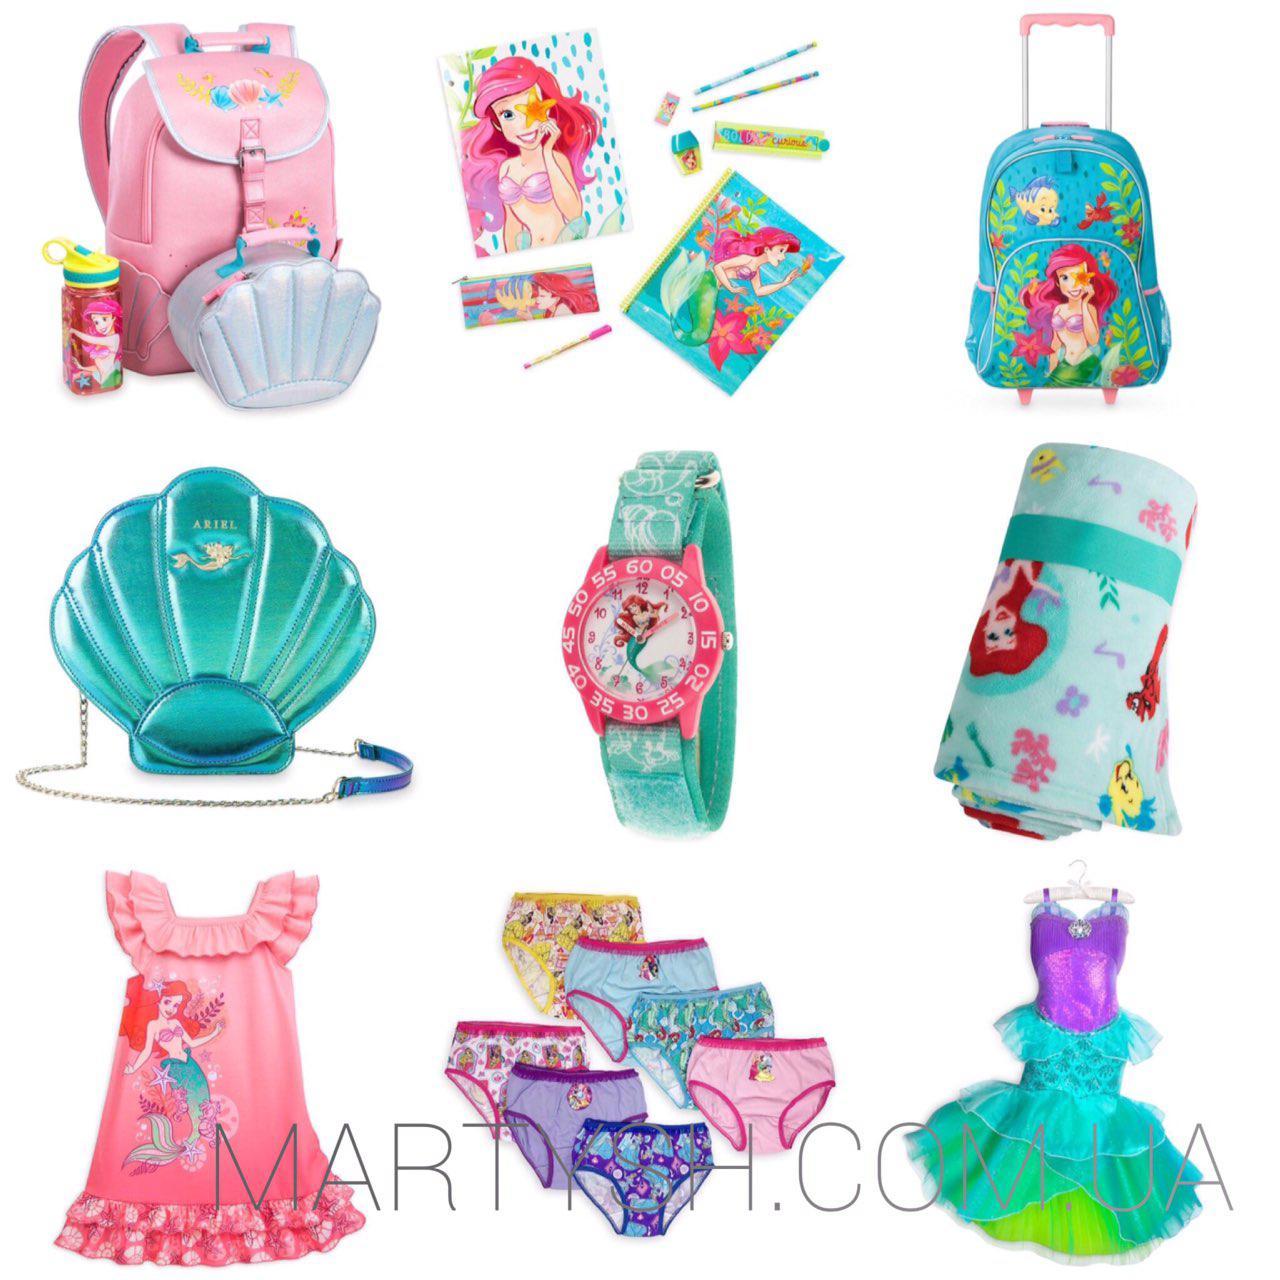 Набор Дисней: русалочка Ариель коллекция под заказ / Disney Ariel Mermaid